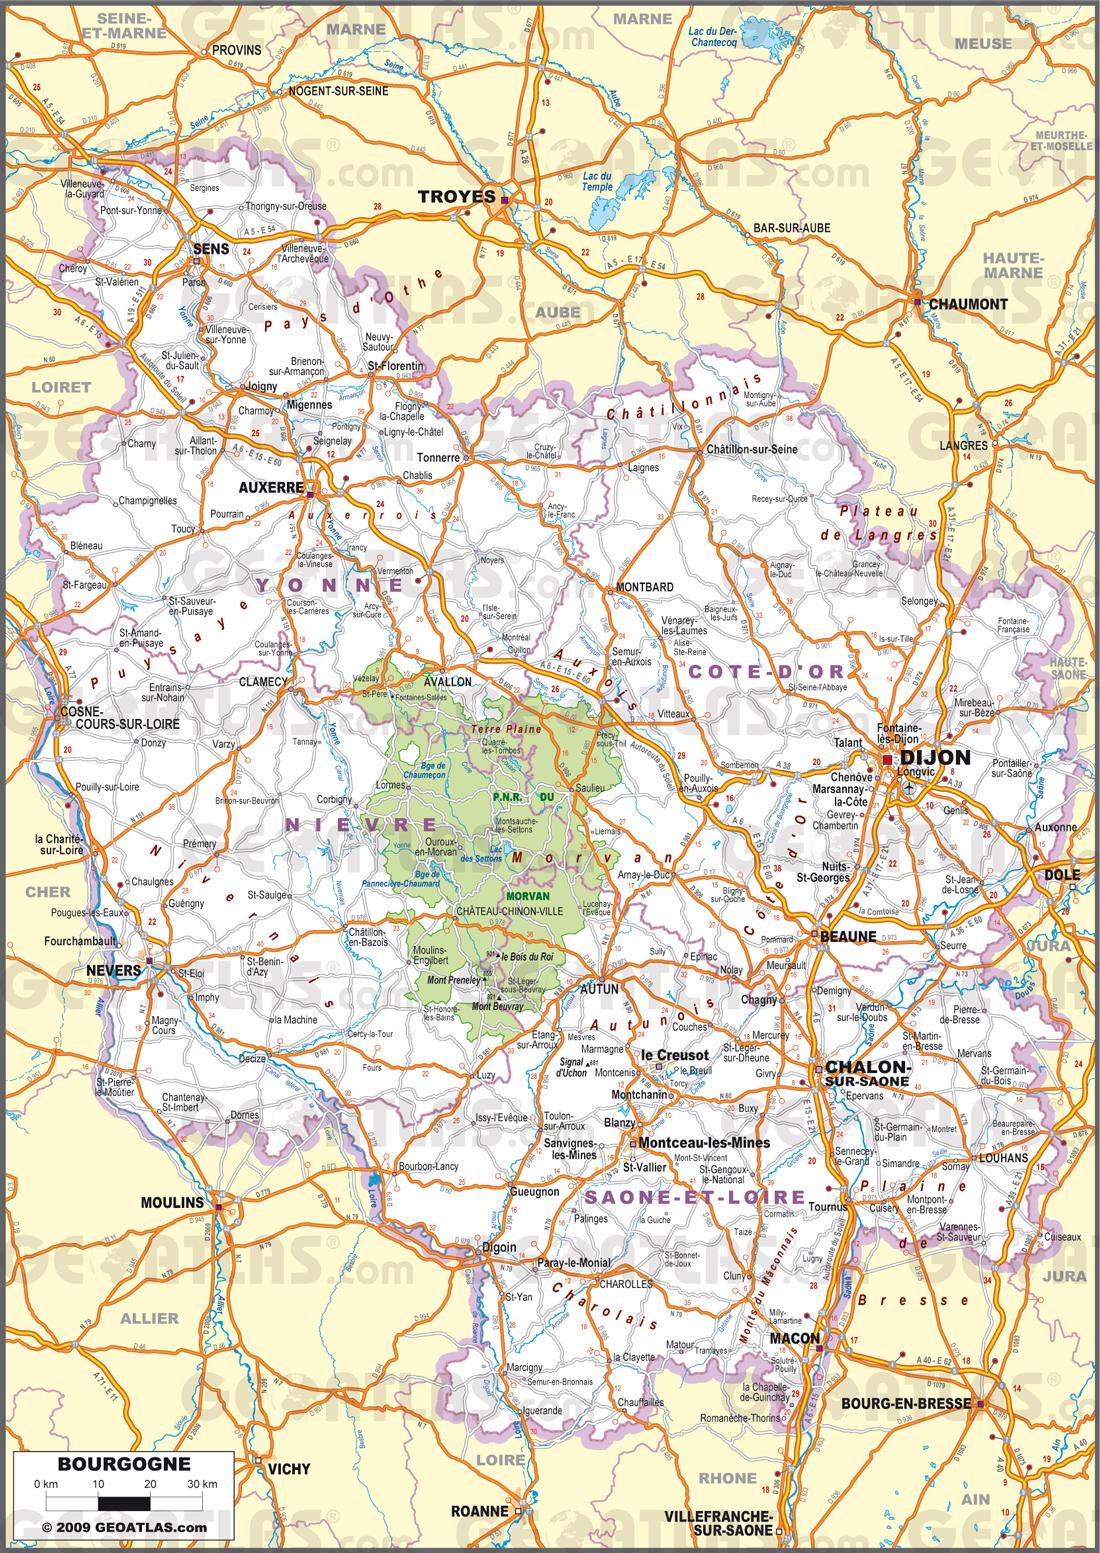 Carte De Bourgogne Michelin.Carte De La Bourgogne Decouvrir La Region Avec Des Cartes